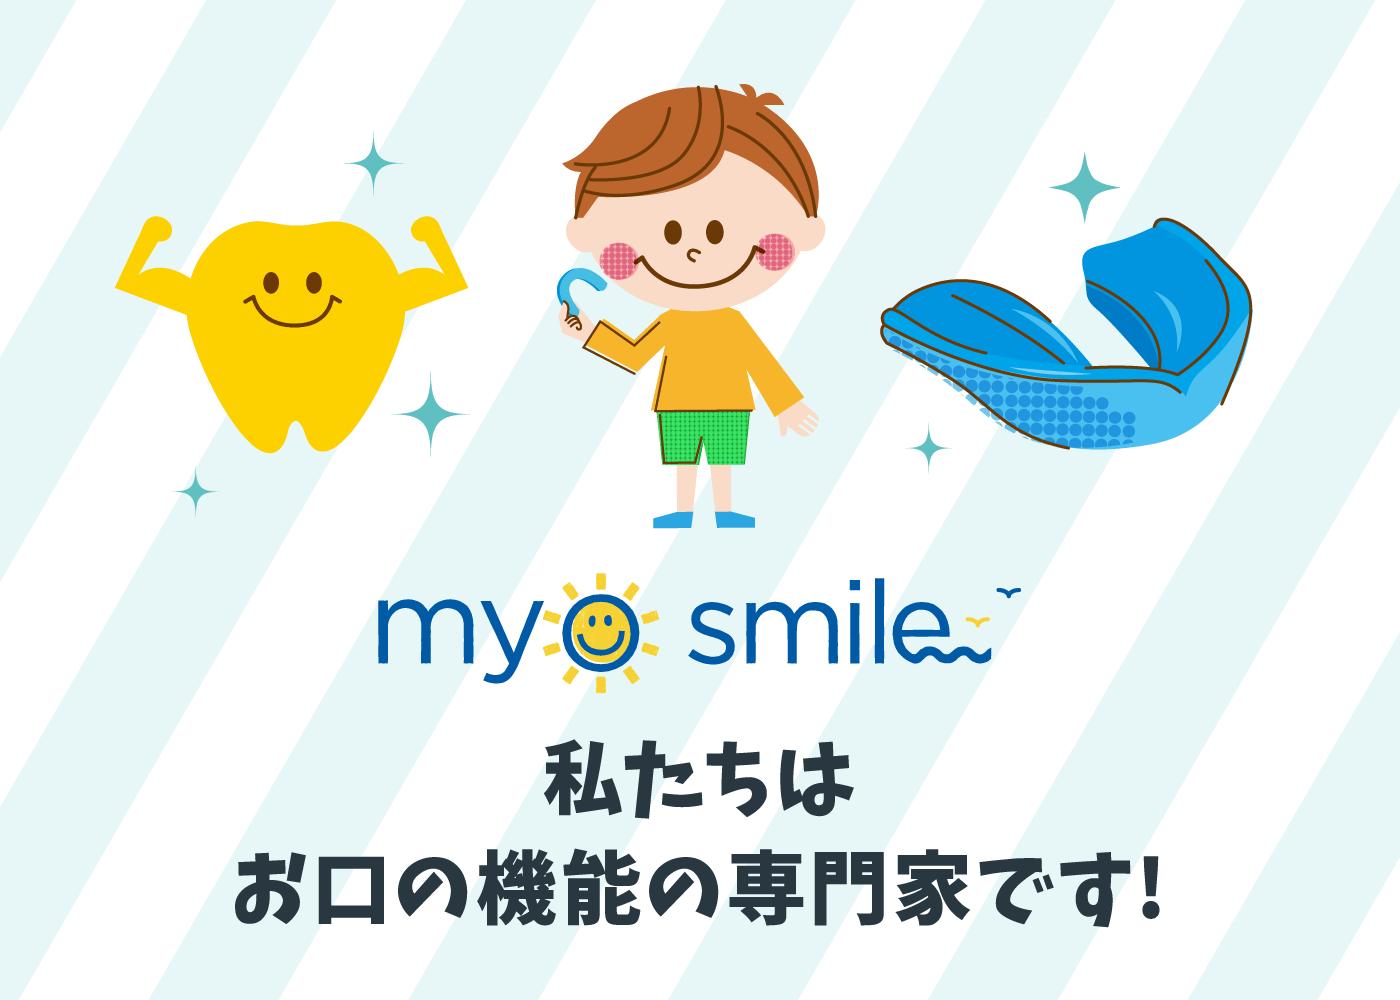 こどものための矯正プログラム「my o smile」